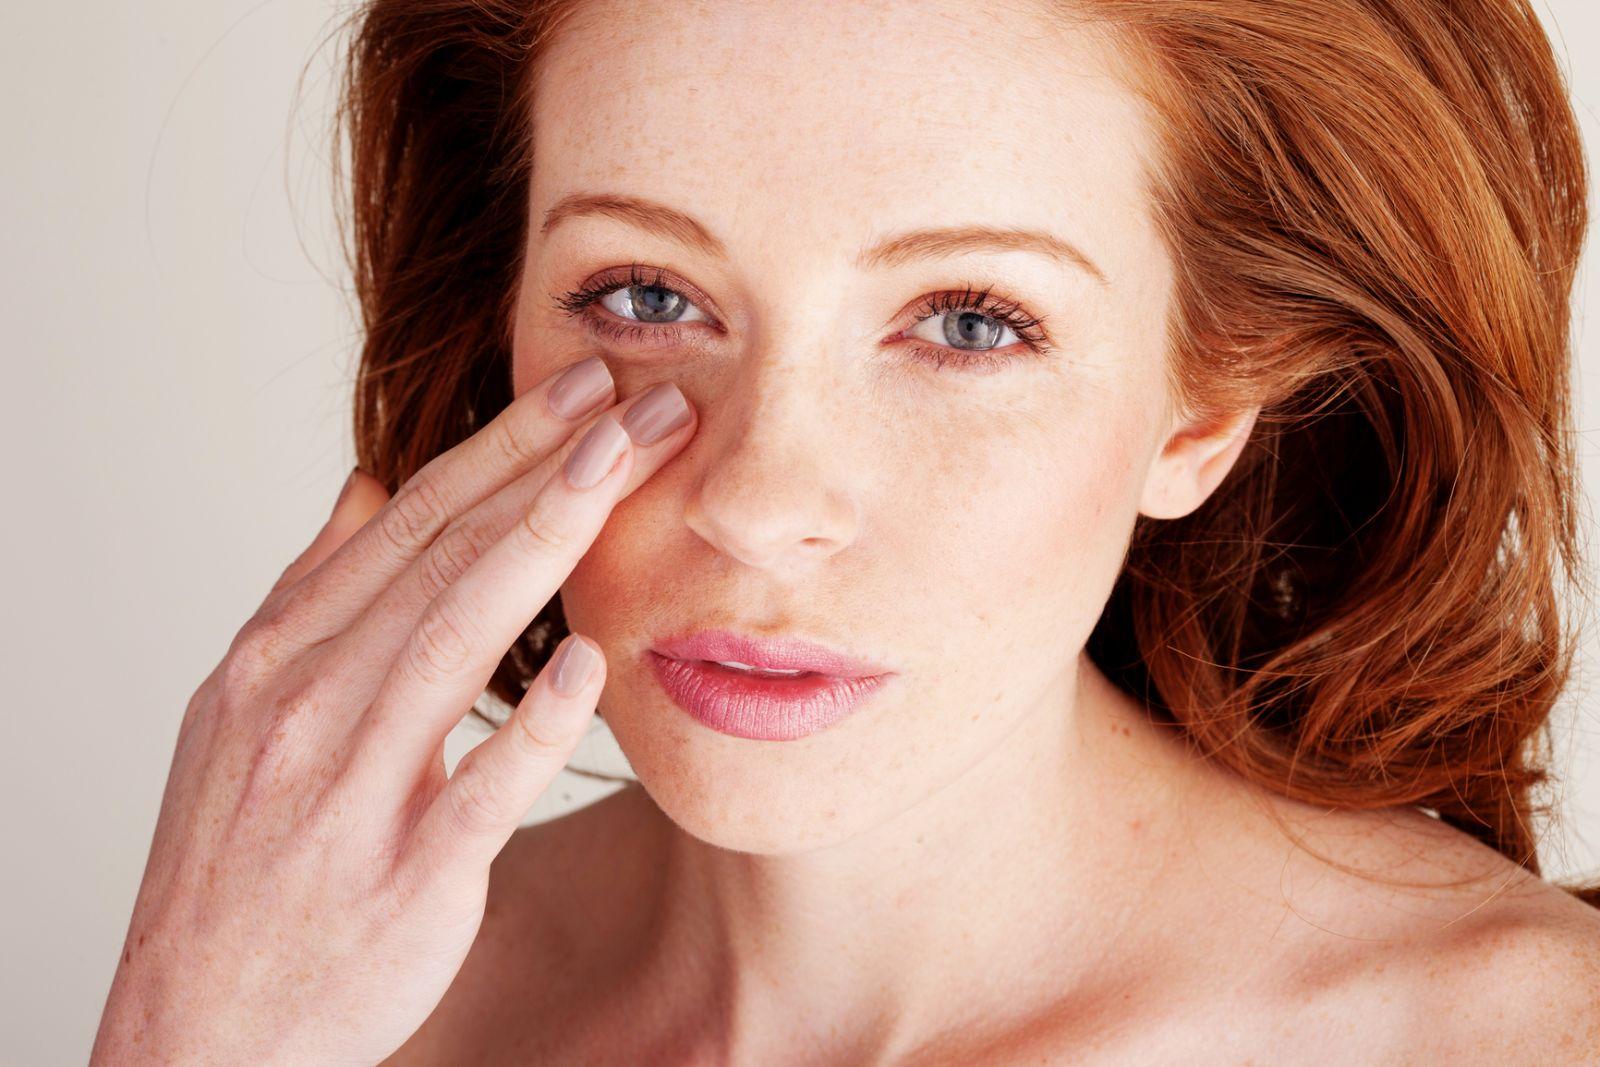 Как скрыть акне при помощи макияжа: пошаговая инструкция. Видео - фото №2